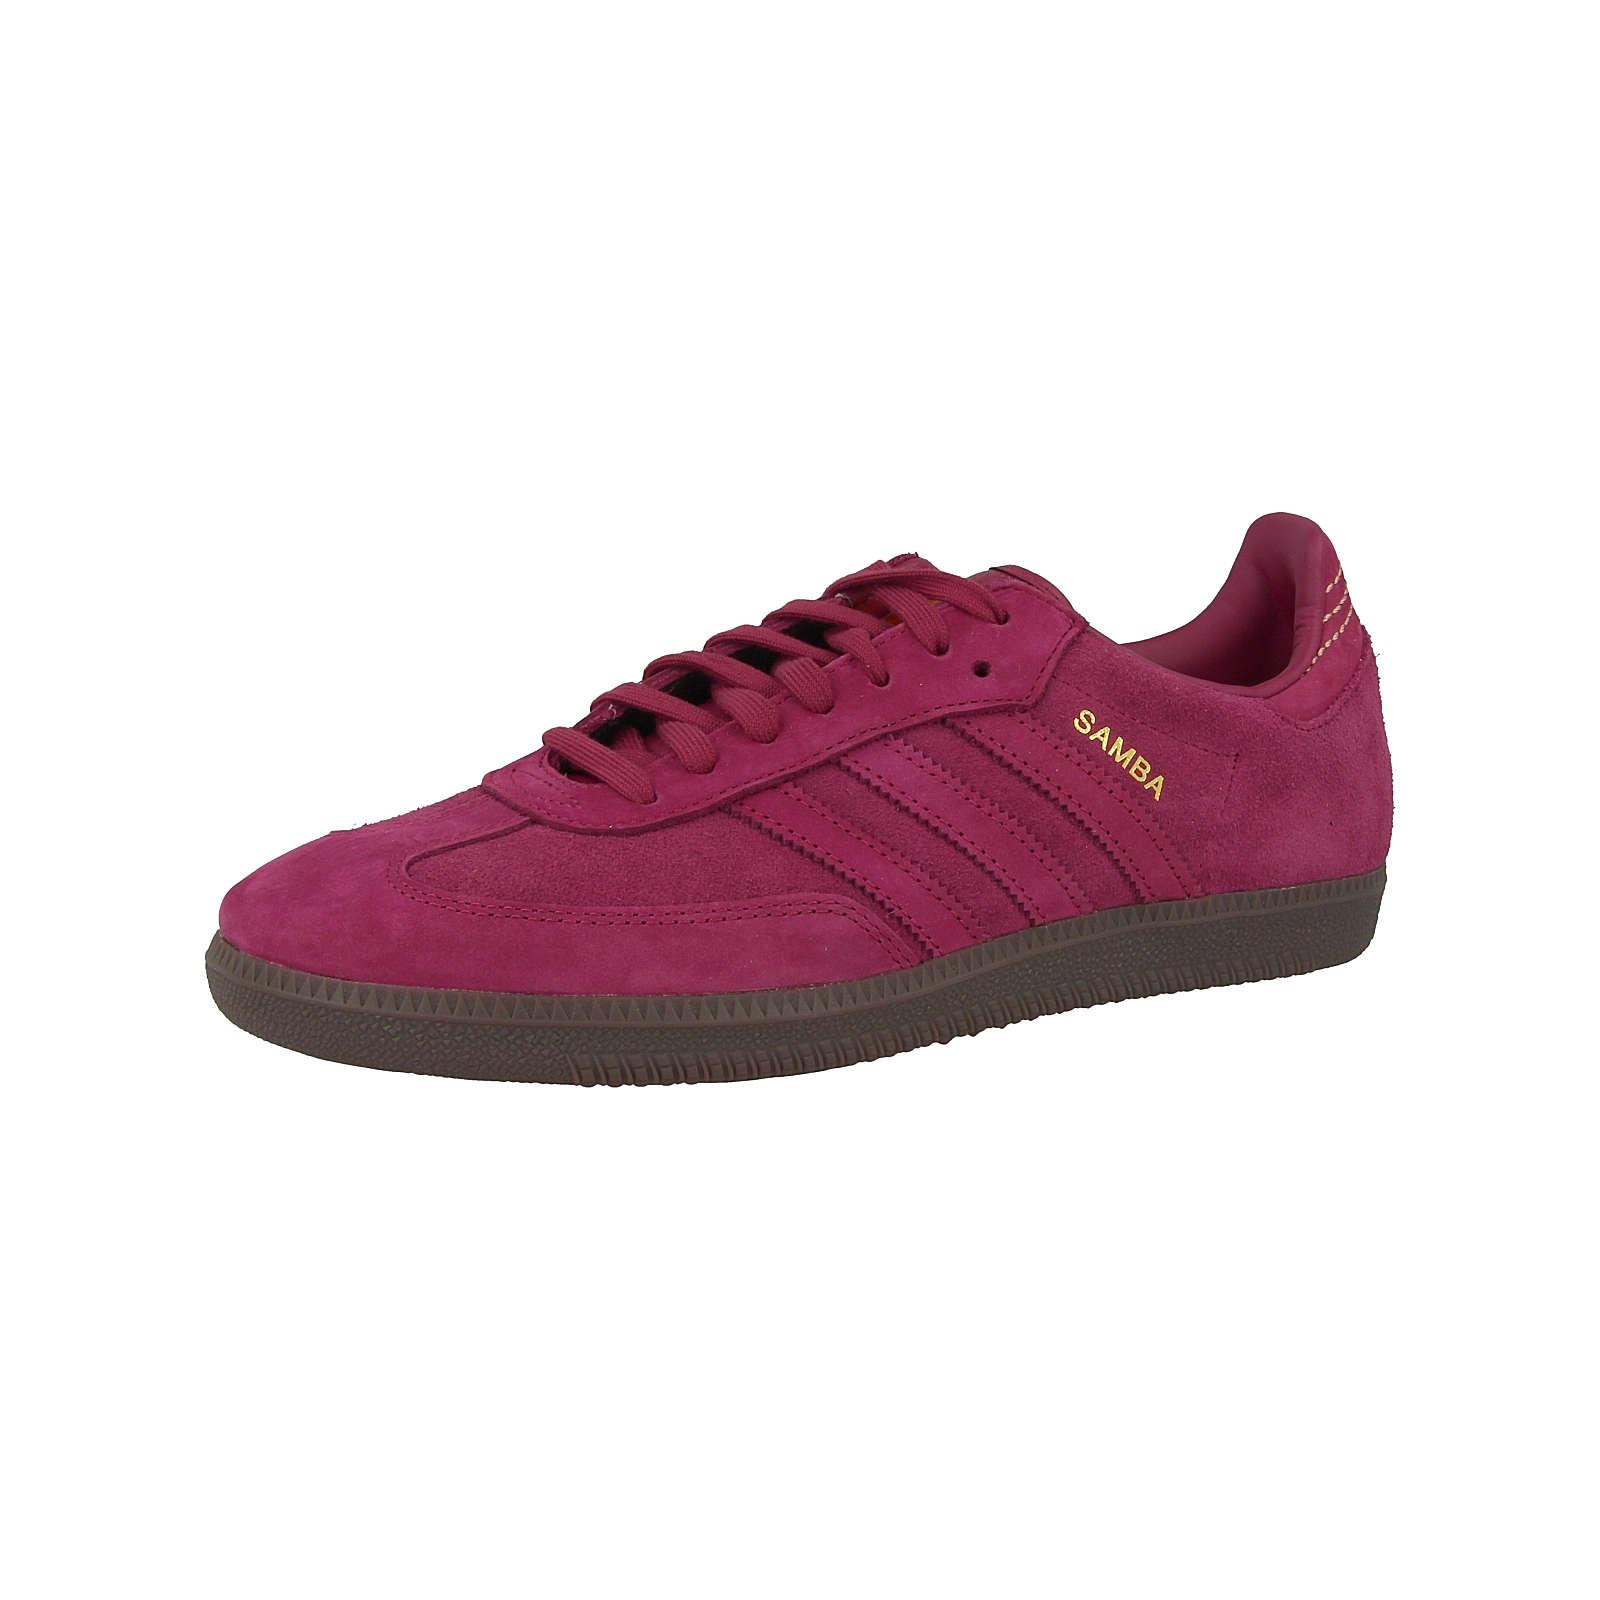 adidas Originals Samba FB Sneakers Low rot Herren Gr. 44